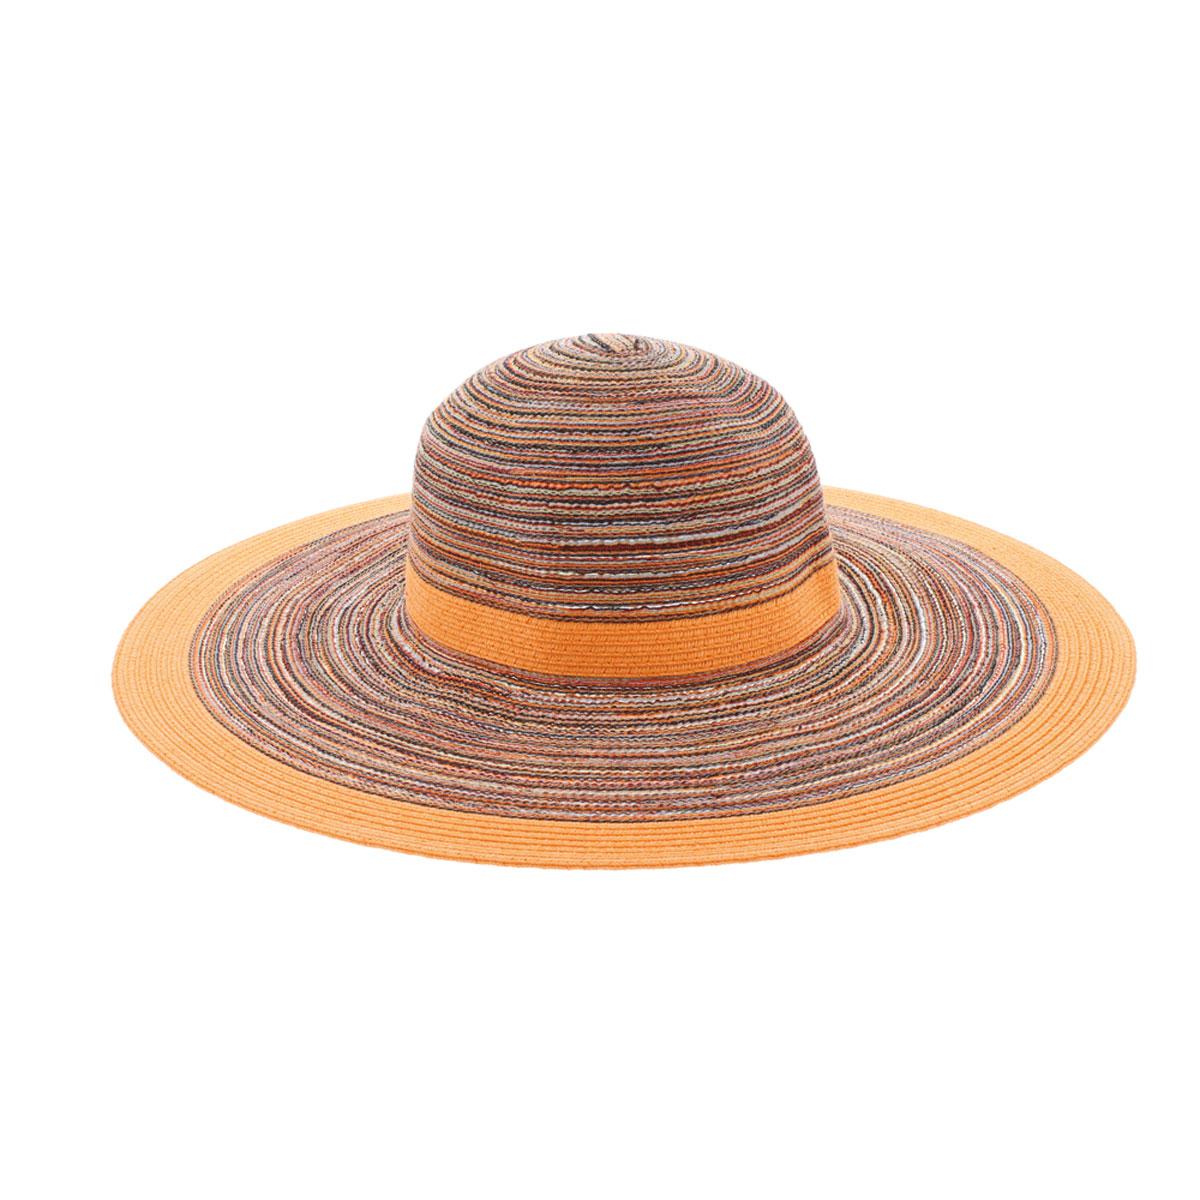 Шляпа77-126-13-56Восхитительная яркая шляпа с широкими полями R.Mountain Lisbeth, выполненная из хлопка с добавлением полиэстера,сплетена таким образом, что контрастные нити создают вид опоясывающих шляпу лент - вокруг тульи и по краям полей. Шляпа оформлена небольшим металлическим логотипом фирмы. Благодаря своей форме, шляпа удобно садится по голове и подойдет к любому стилю. Шляпа легко восстанавливает свою форму после сжатия. Хороший выбор для прогулок по пляжу и летнему городу.